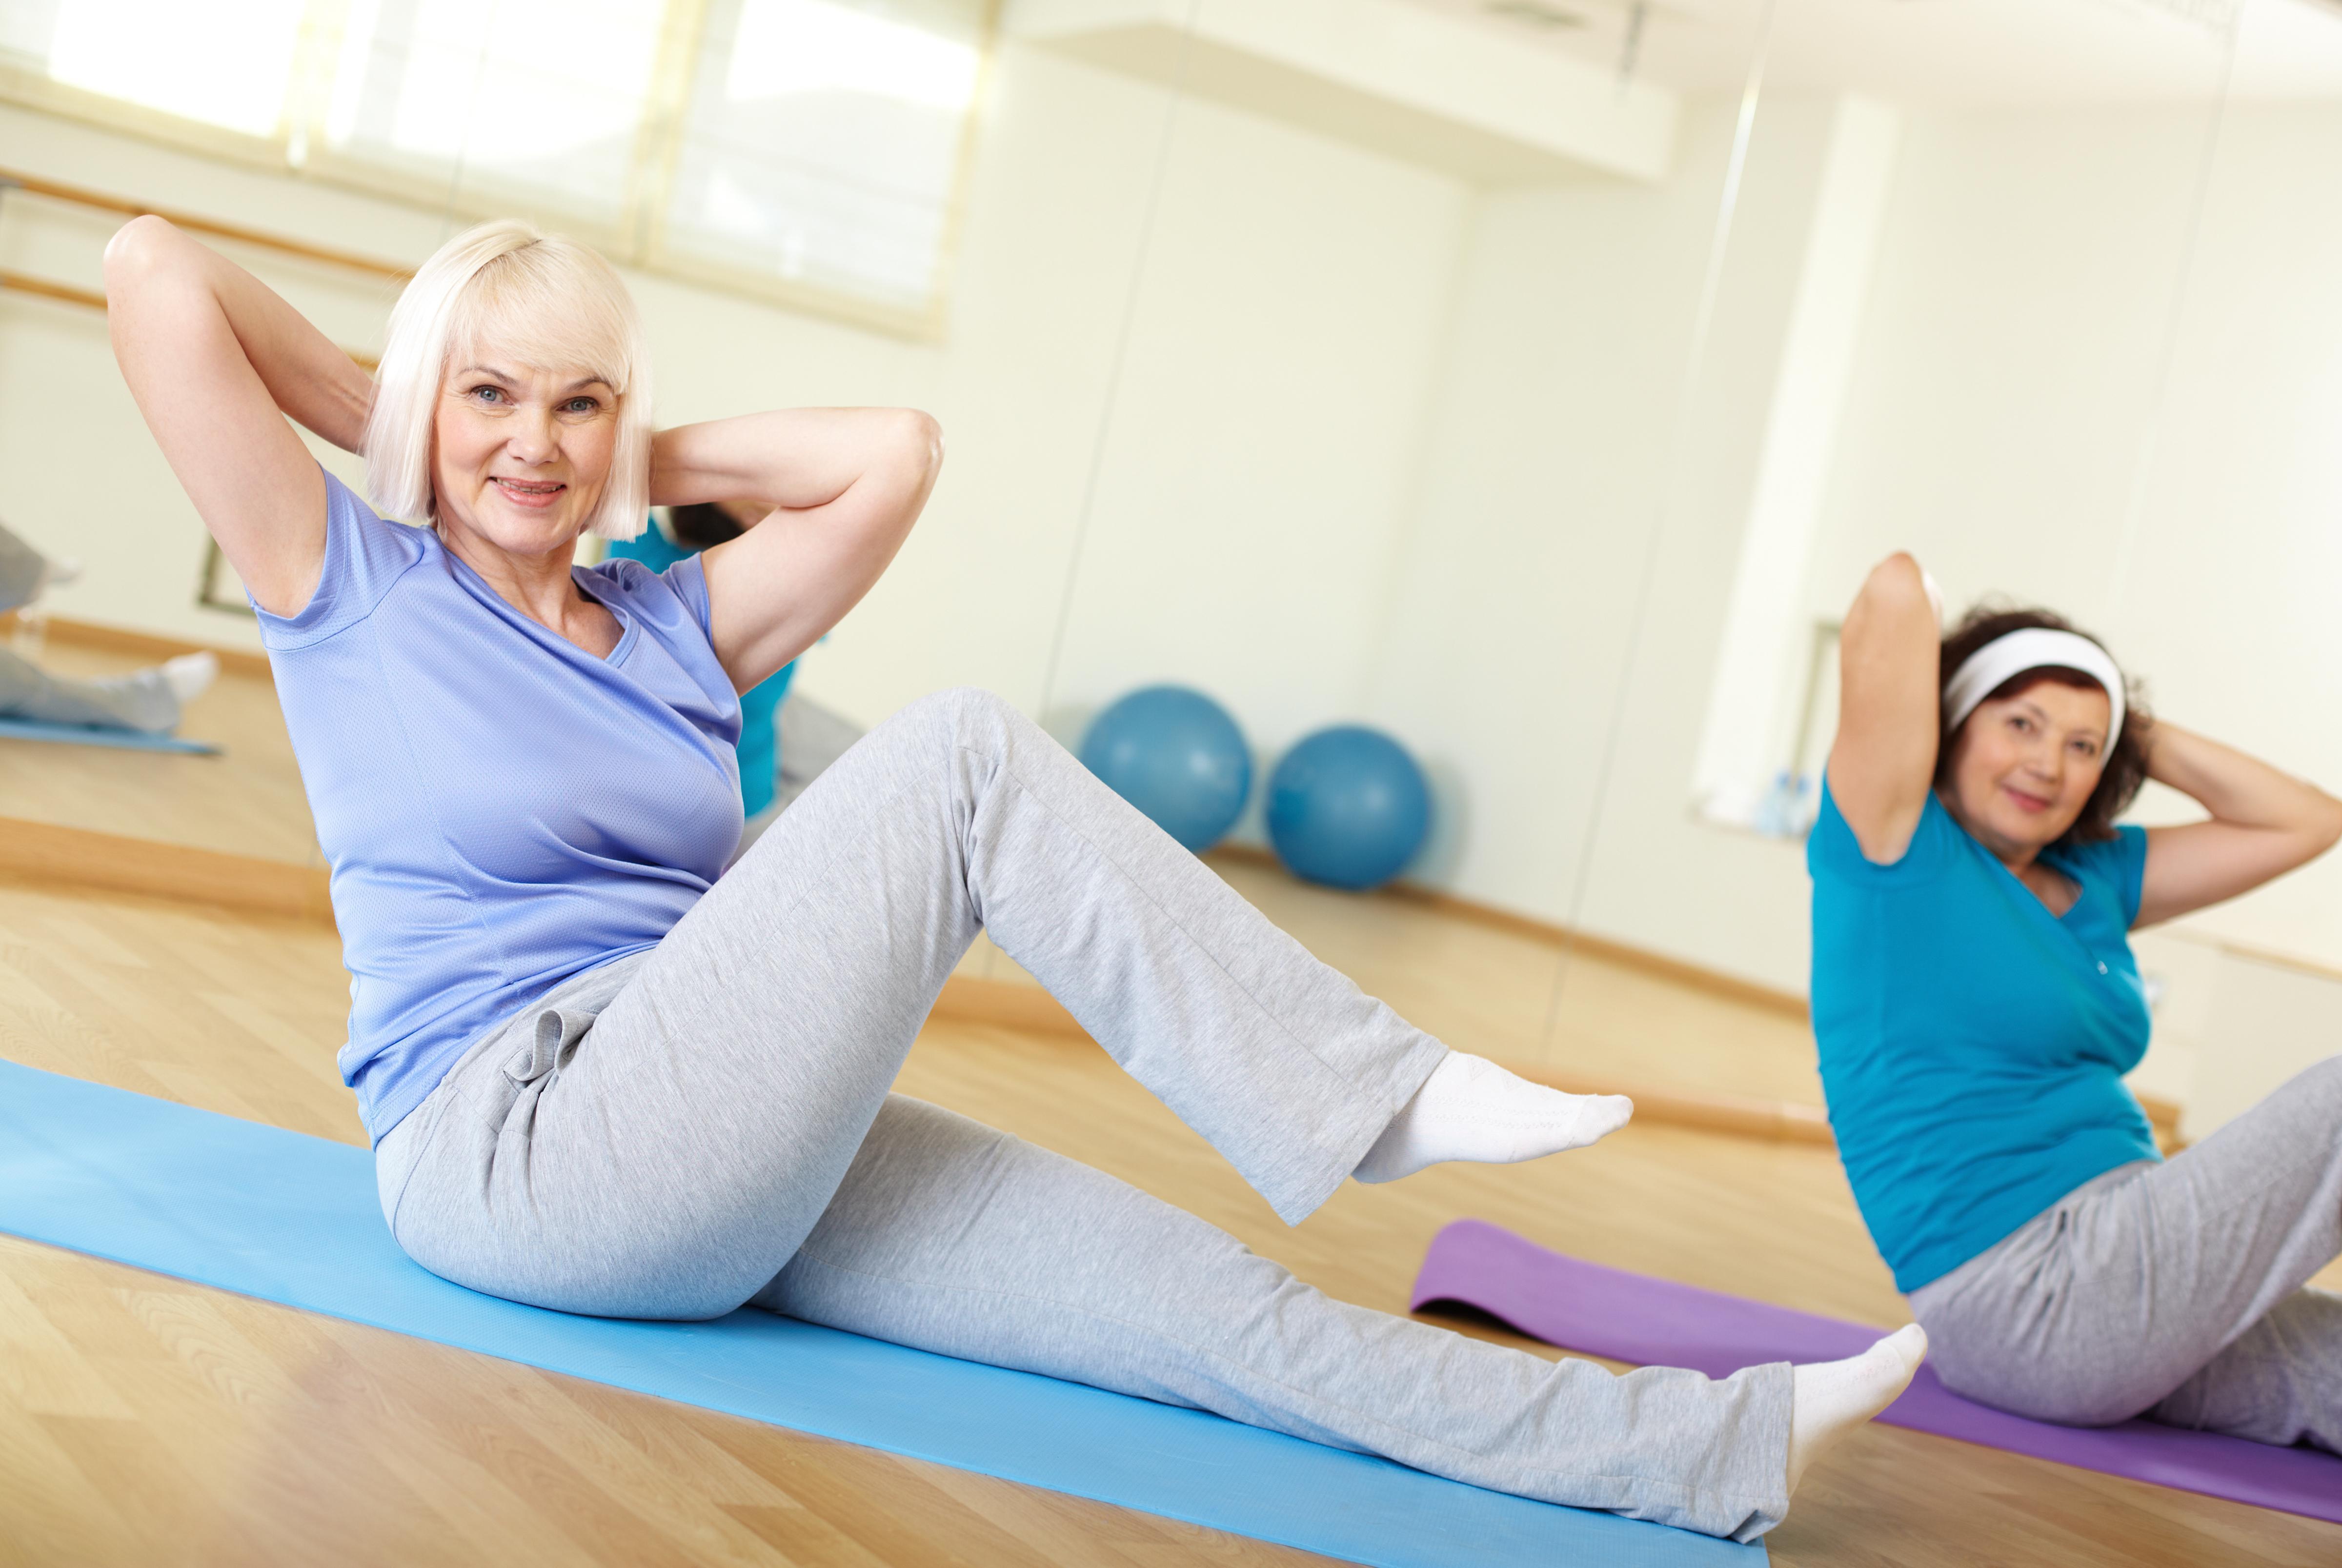 Menopausa: Tratamentos Para Minimizar os Sintomas